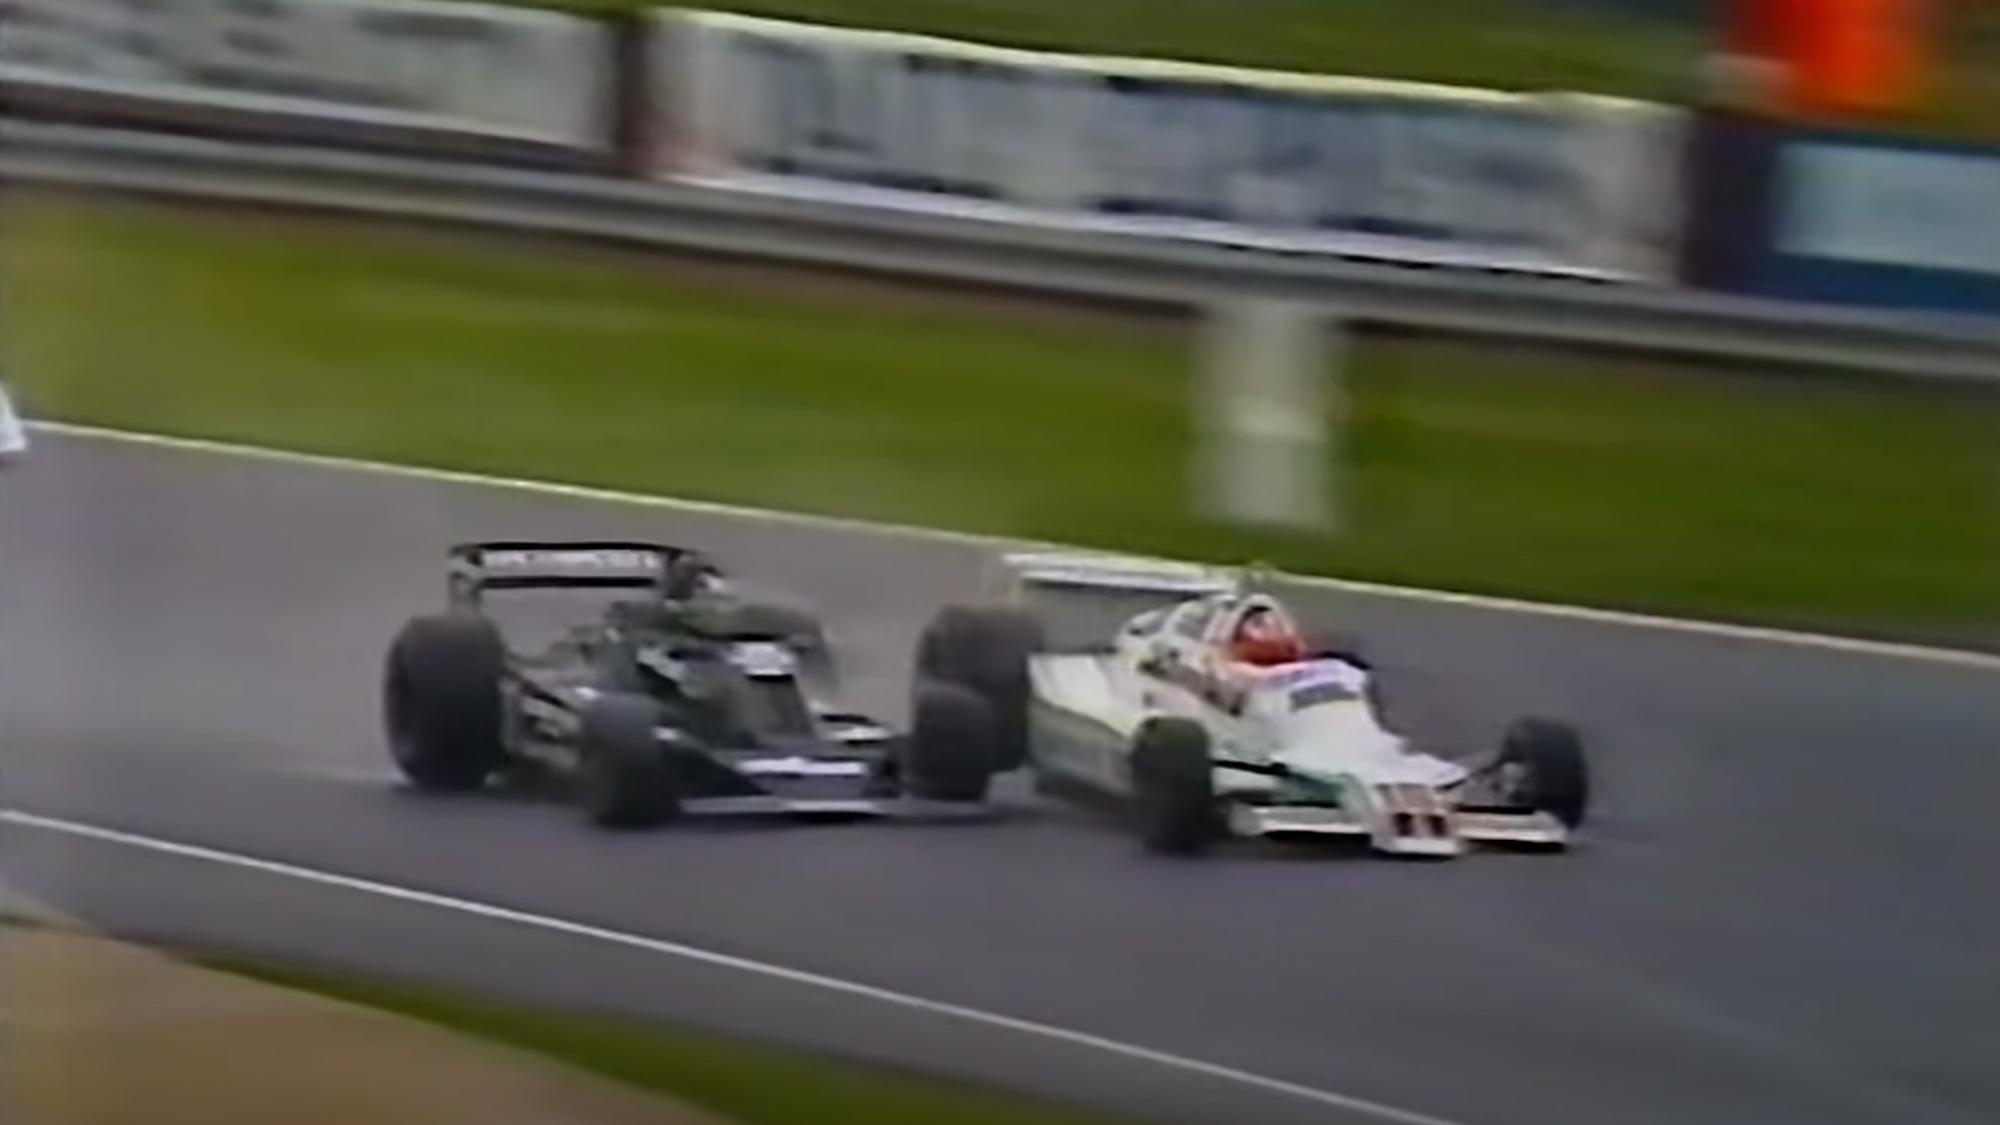 British F1 at its peak: Kennedy & Keegan's '79 Aurora AFX Silverstone showdown